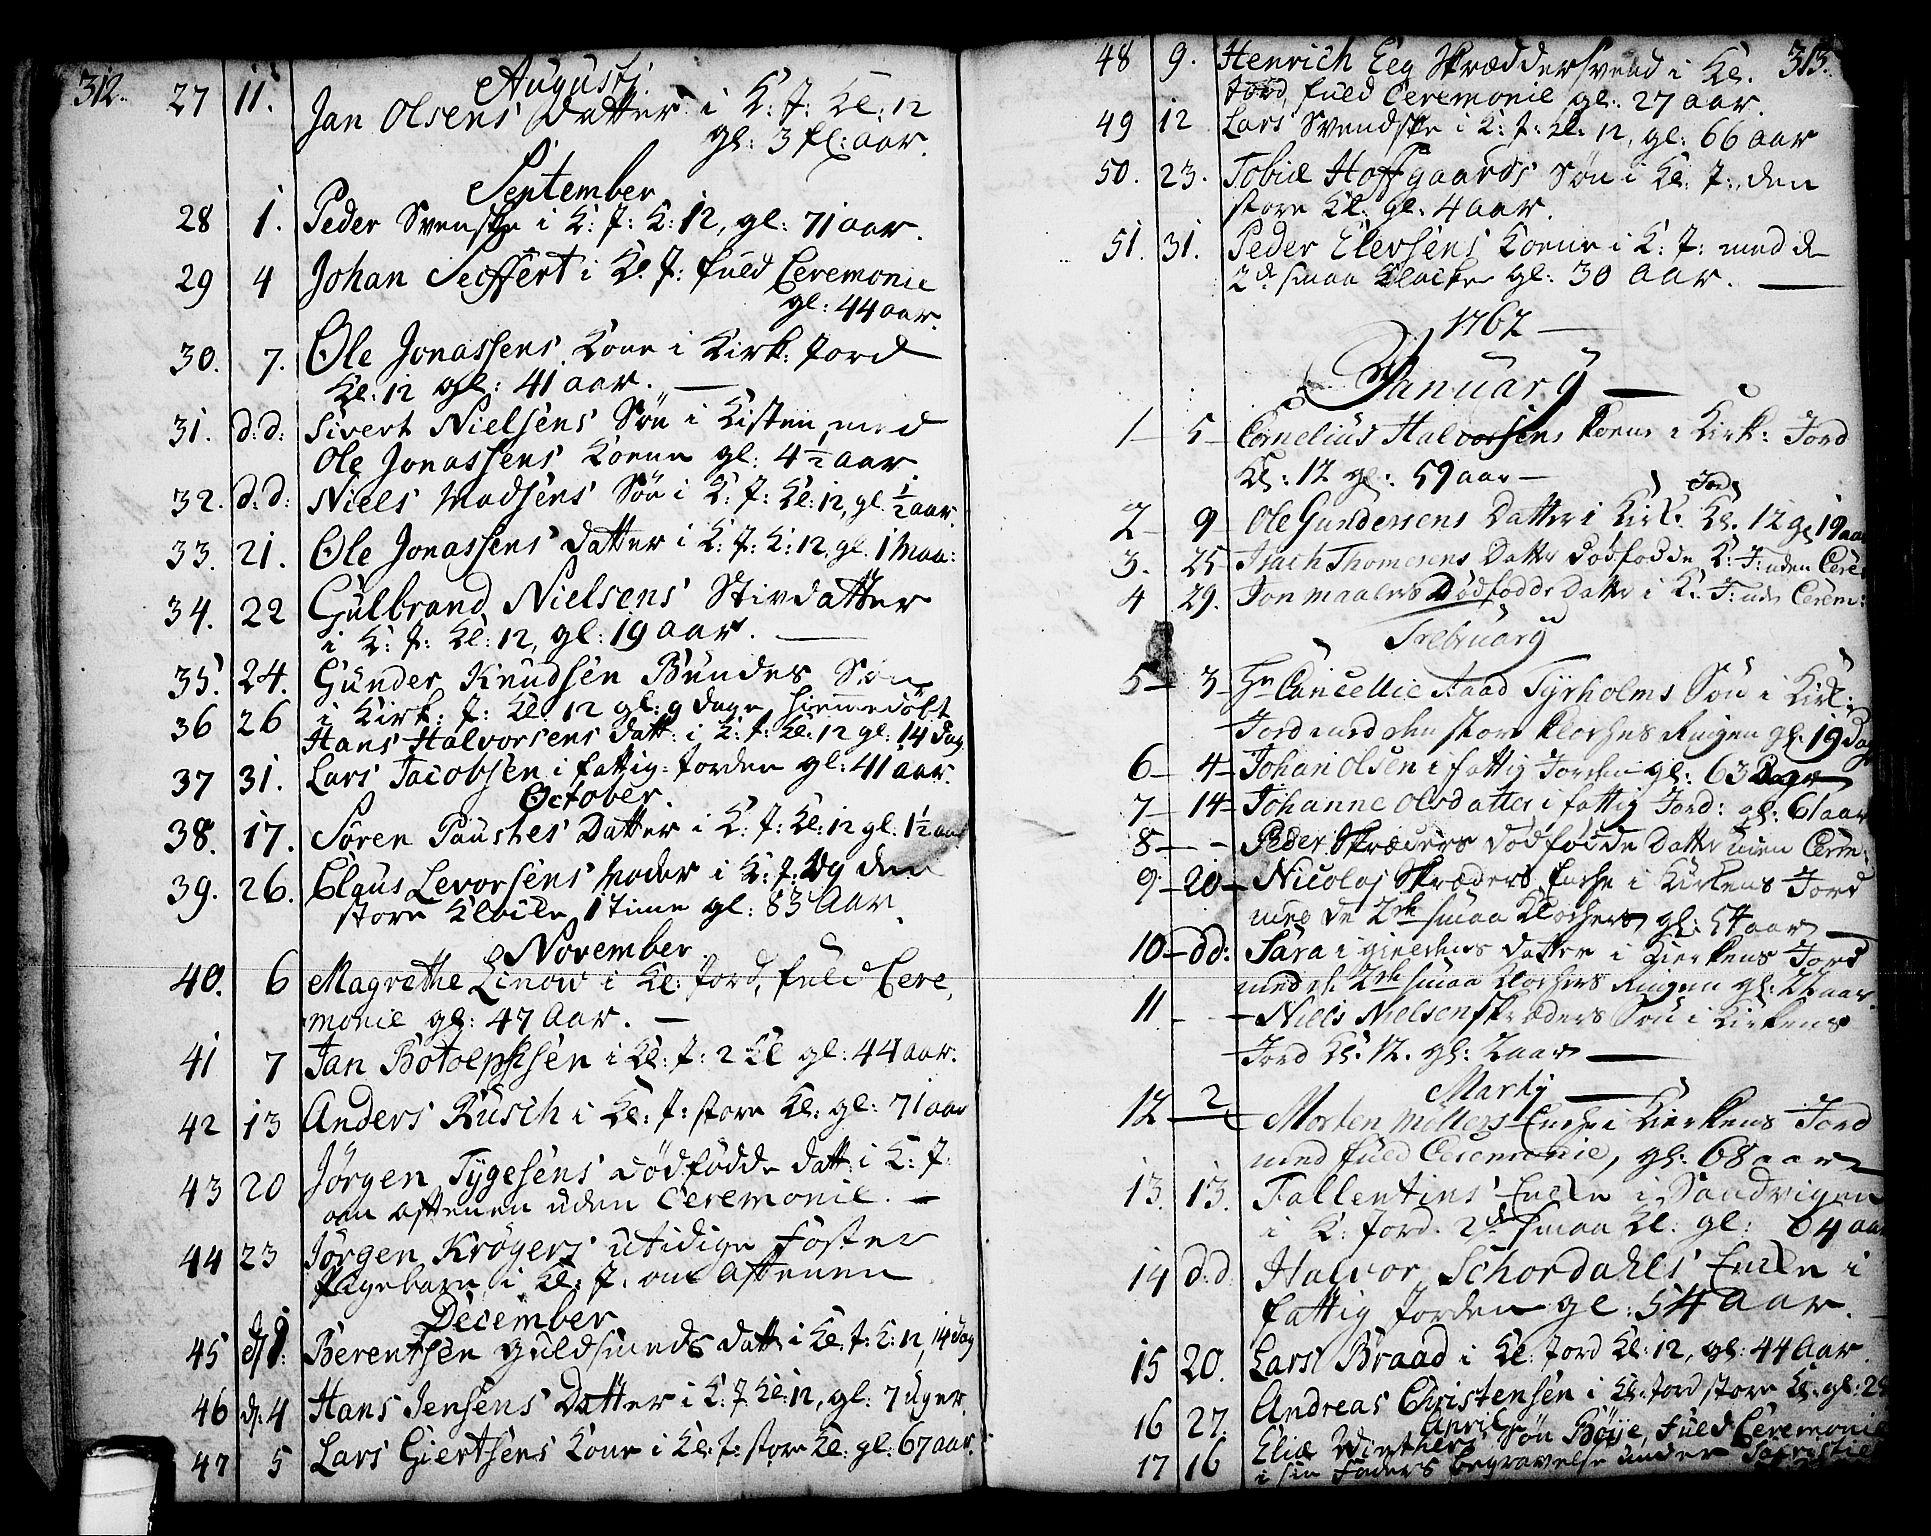 SAKO, Skien kirkebøker, F/Fa/L0003: Ministerialbok nr. 3, 1755-1791, s. 312-313